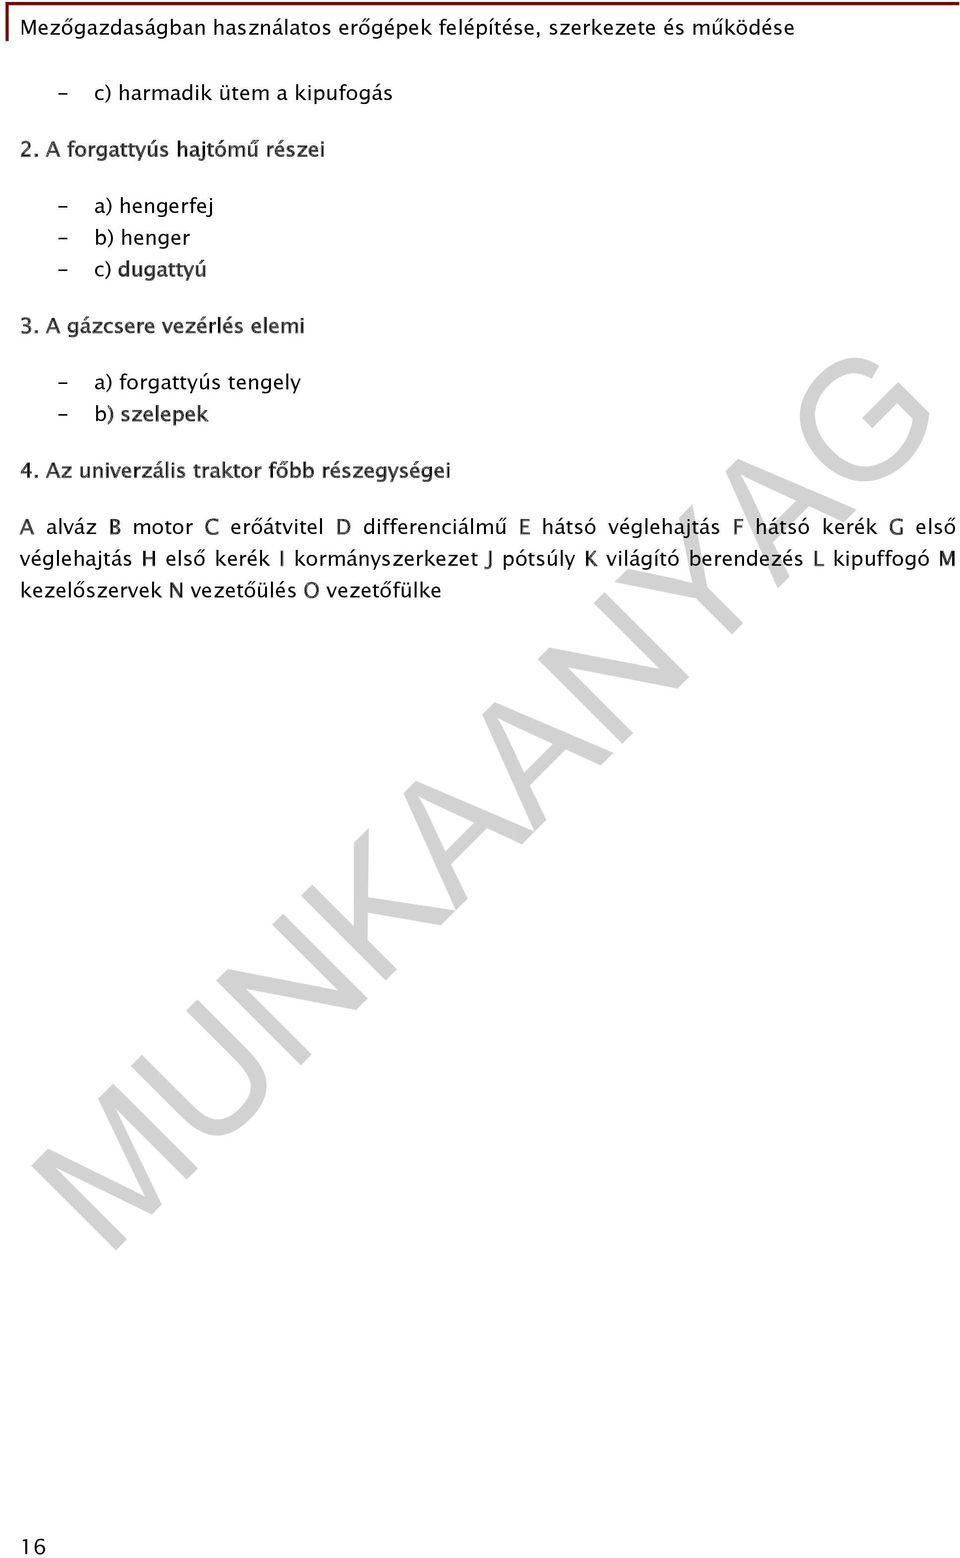 Asd 2 paraziták kezelése - setalo.hu